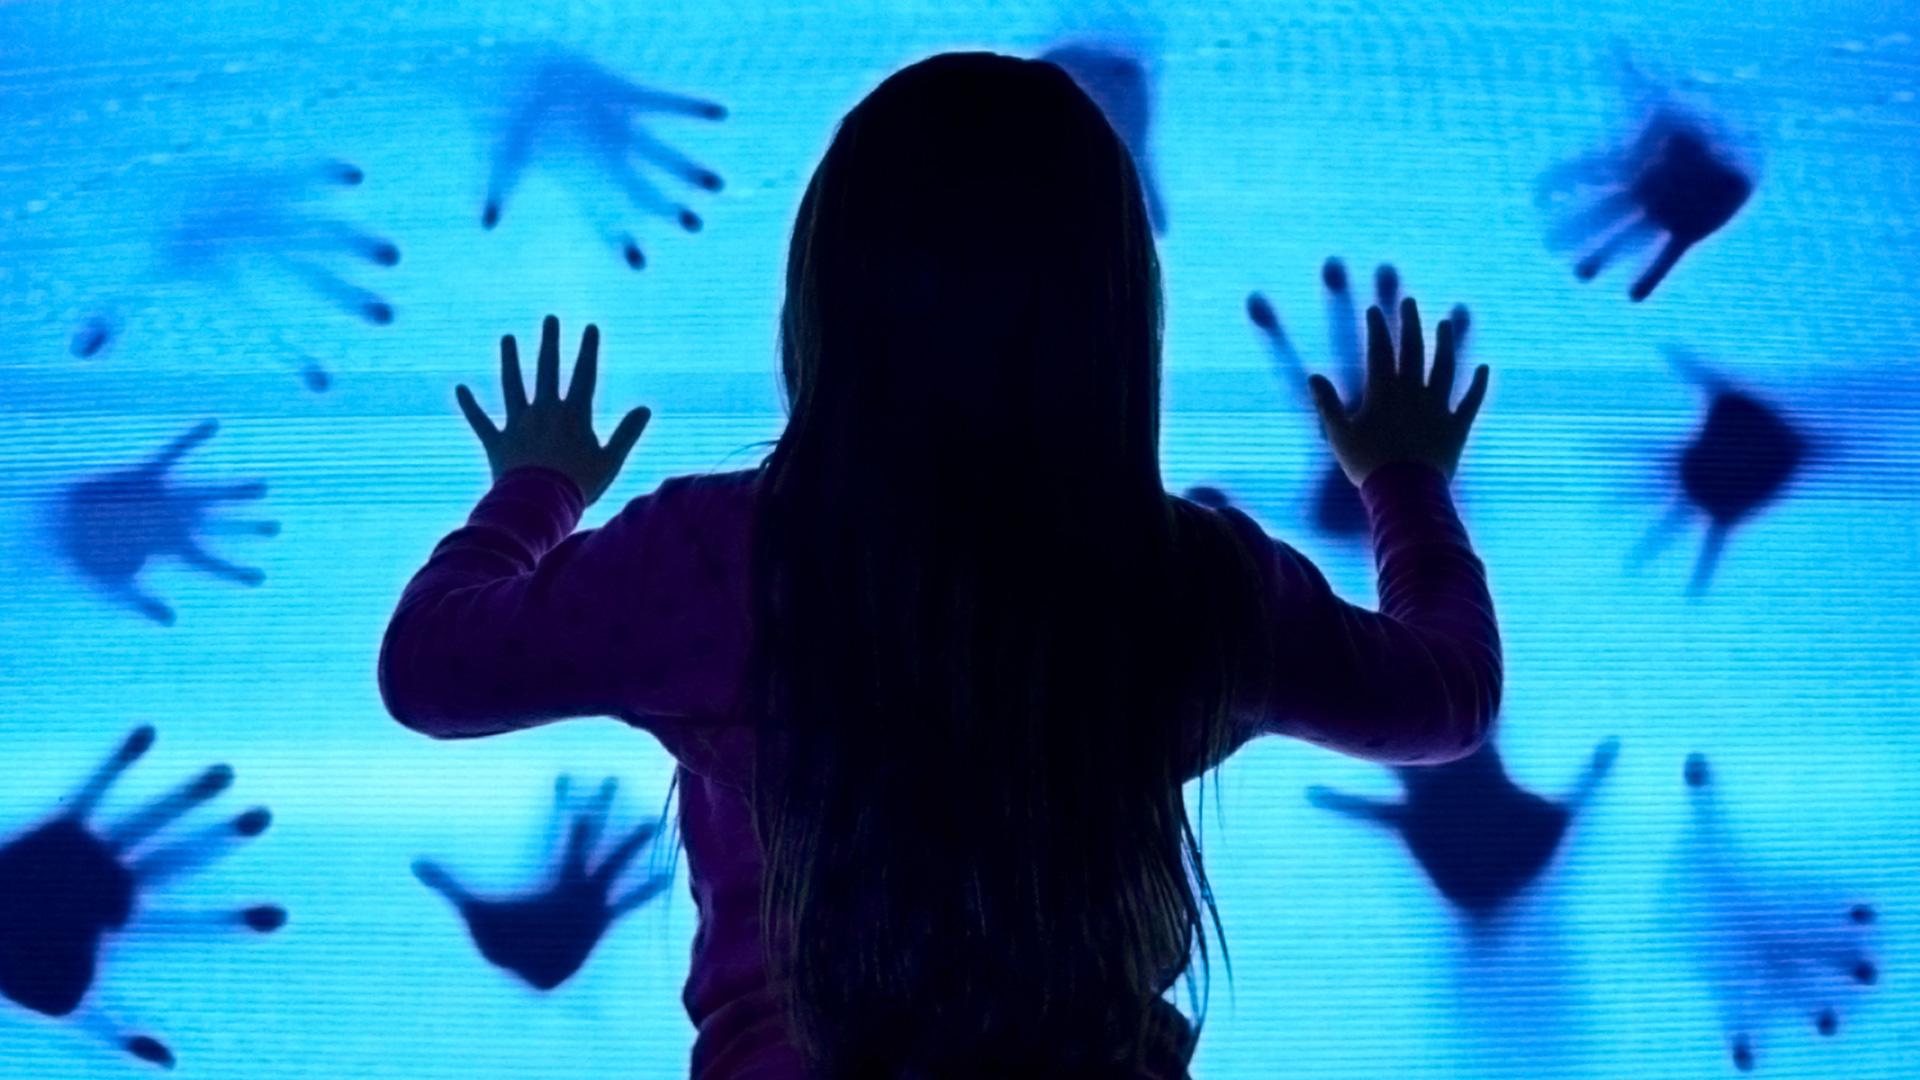 Il Poltergeist di Rosenheim: abbaglio o paranormale?